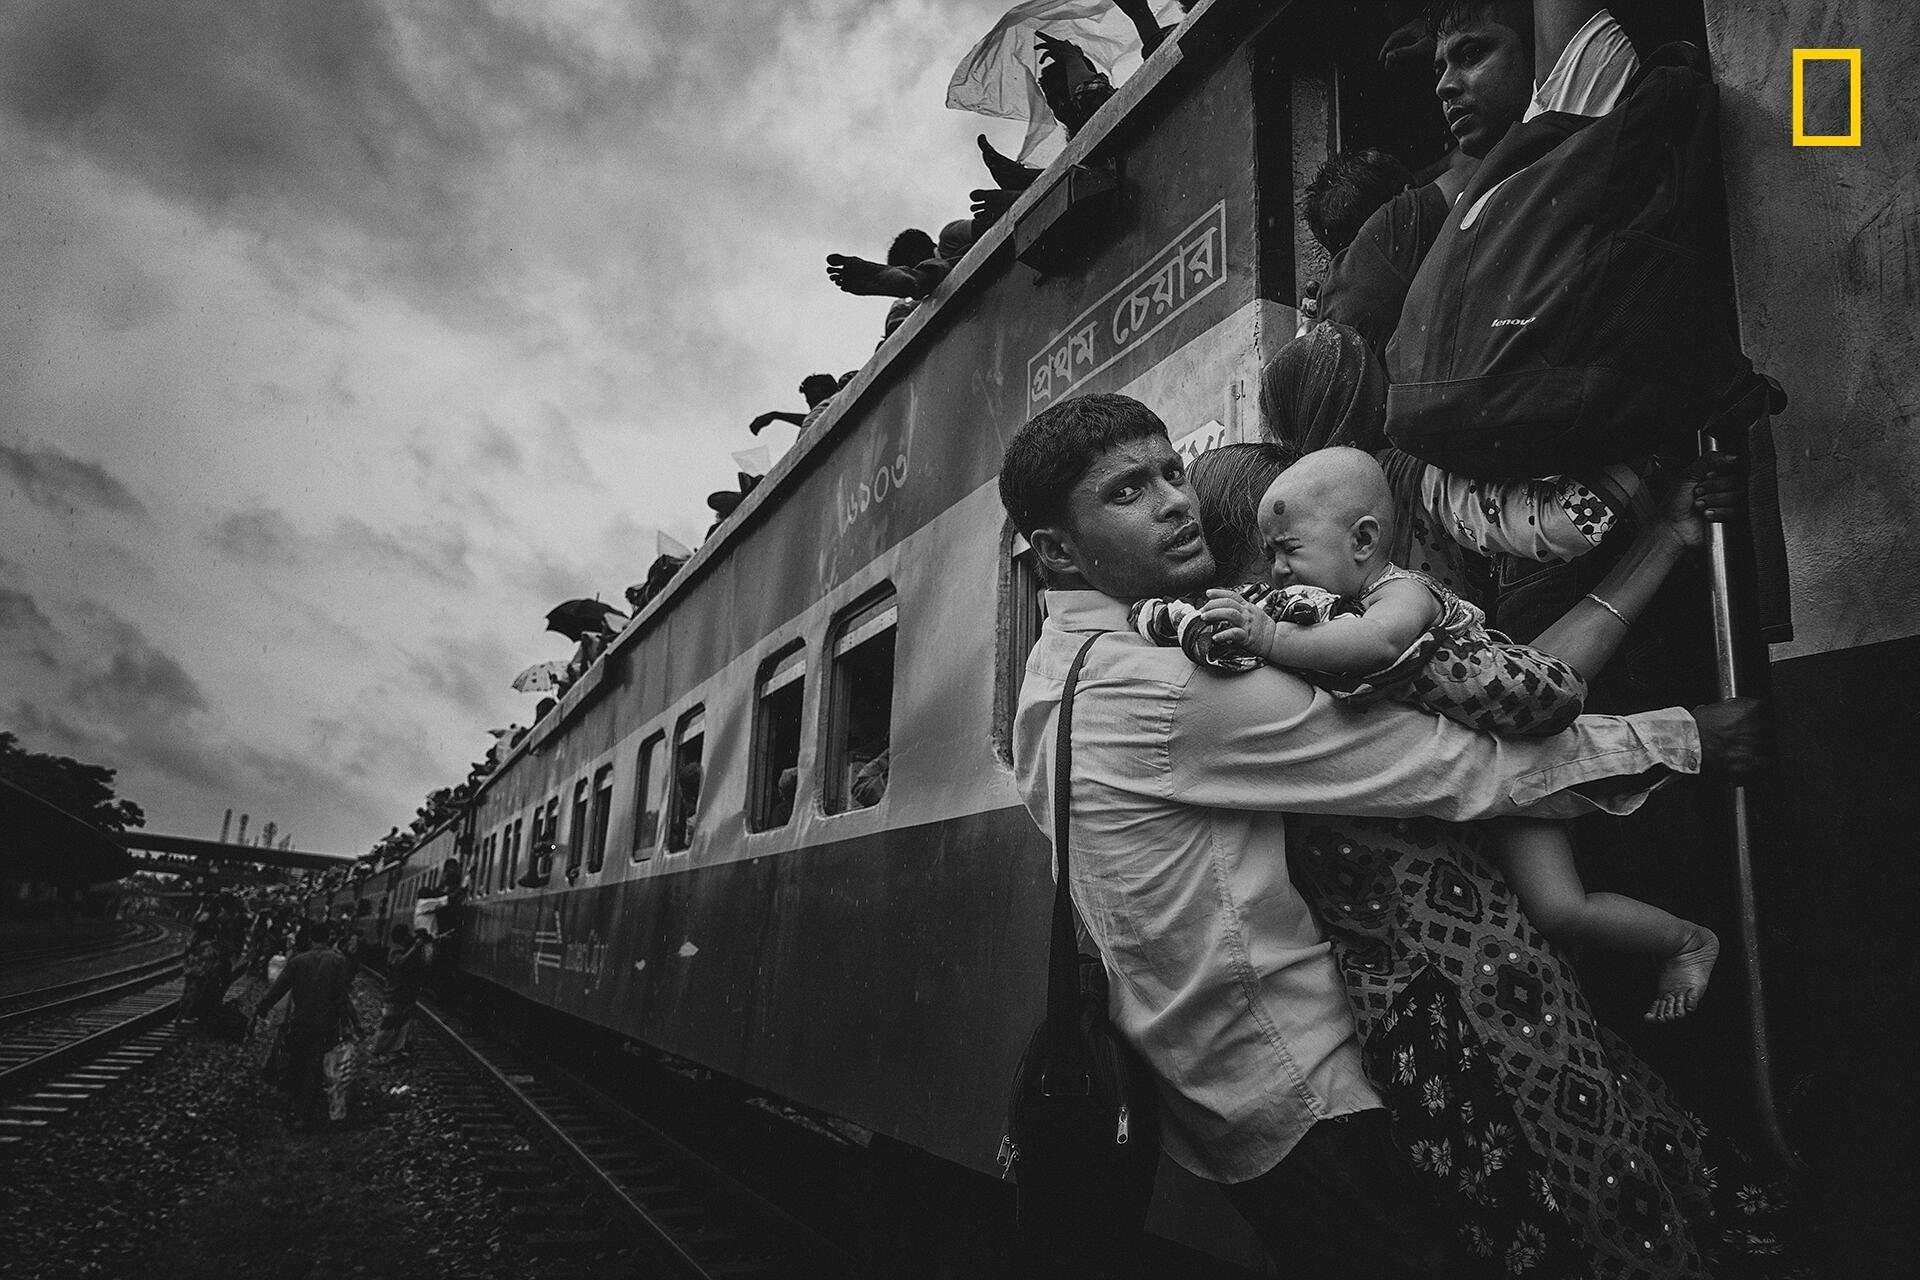 """Фото: MD Tanveer Hassan Rohan. Дакка, Бангладеш. Третье место в категории """"люди"""" National Geographic Traveler, national geograhic, лучшие фотографии, победители, победители конкурса, фотографии года, фотоконкурс"""